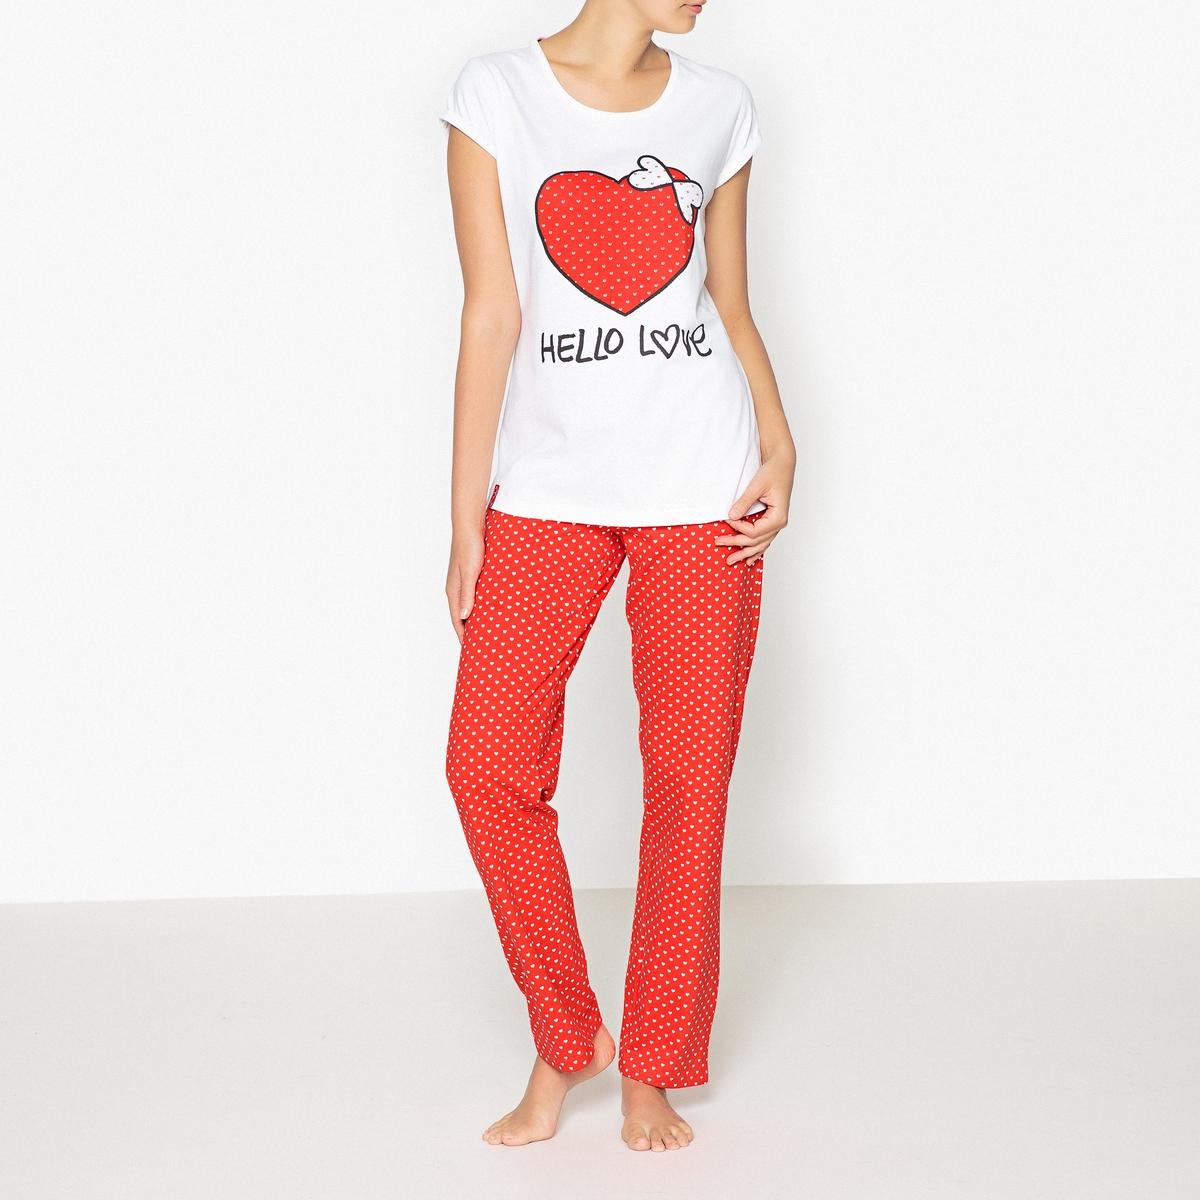 Пижама с принтом, LoveliesРисунок в виде большого сердца, принт из маленьких сердечек... в этой пижаме Lovelies, вы будете окружены любовью !Состав и описаниеРаздельная пижама, верх с принтом, круглый вырез, короткие рукава  .Брюки с завязками и эластичным поясом .Марка : LoveliesМатериал : 100% хлопок Уход: :Машинная стирка при 30 °С на деликатном режиме с вещами схожих цветов.Стирать и гладить при низкой температуре с изнаночной стороны.Машинная сушка запрещена.<br><br>Цвет: набивной рисунок<br>Размер: L.M